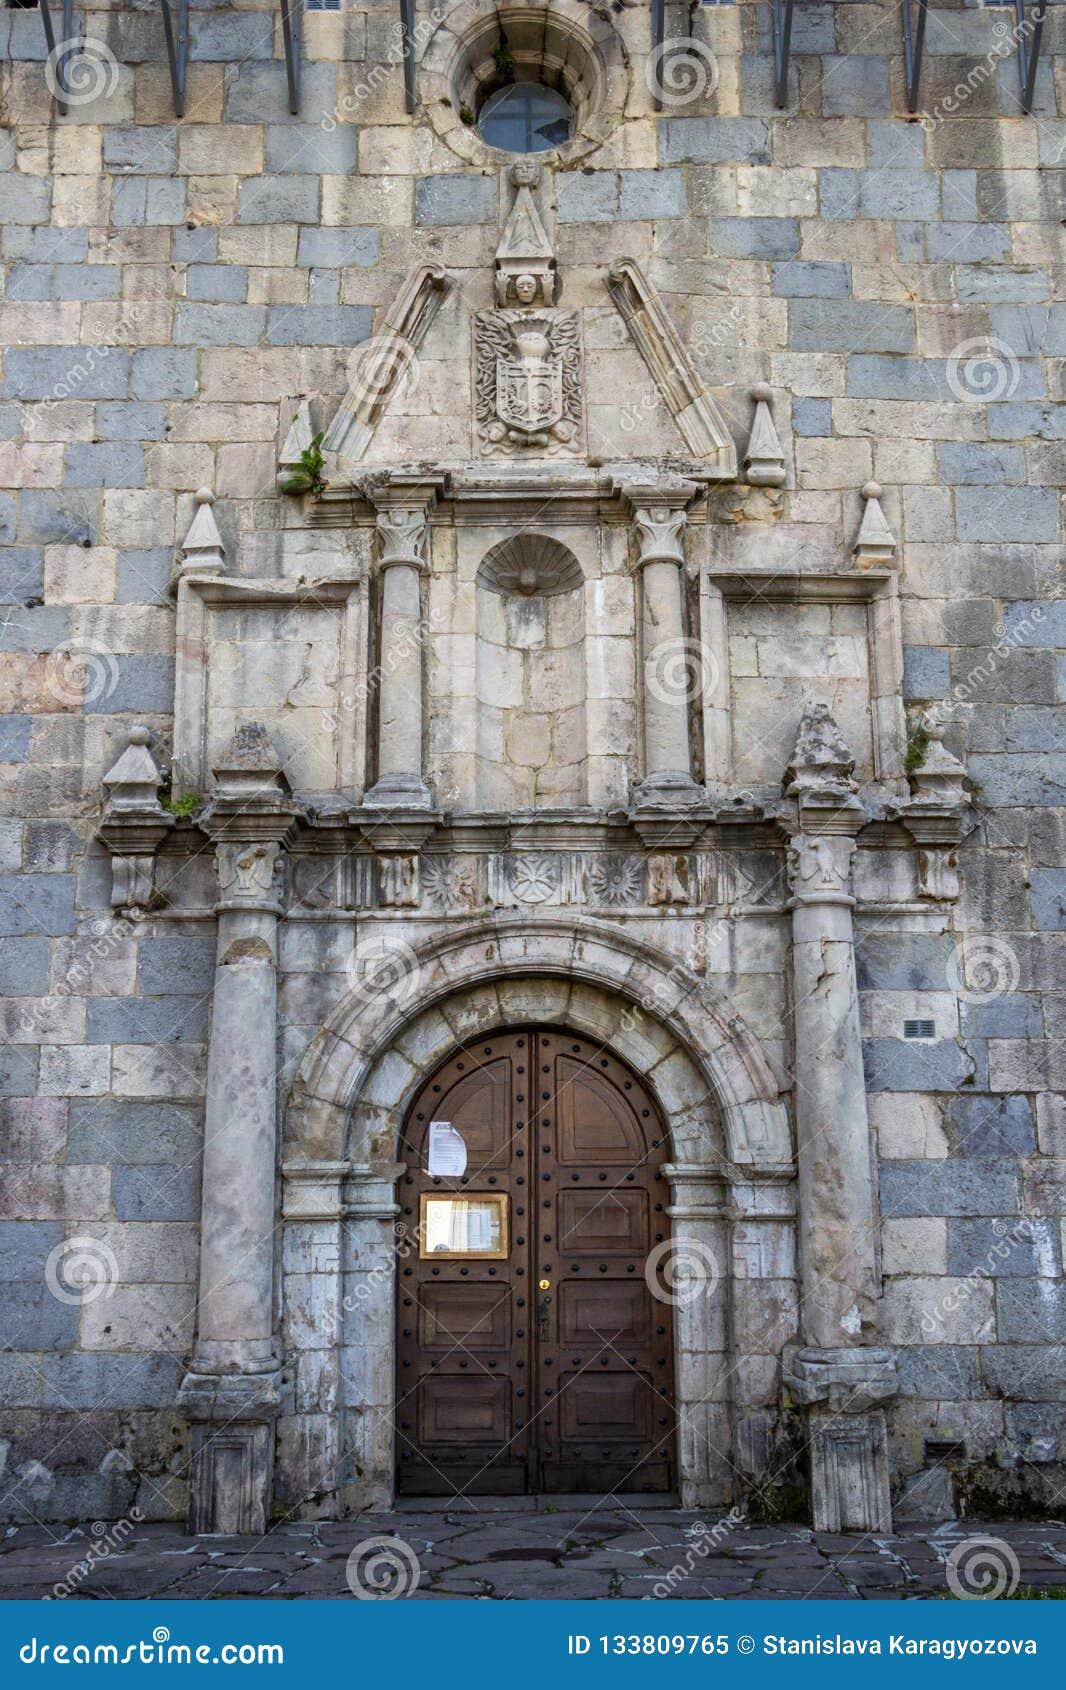 Porte du St Nicolas de Bari d église à Burguete-Auritz, la Navarre, Espagne, détail architectural